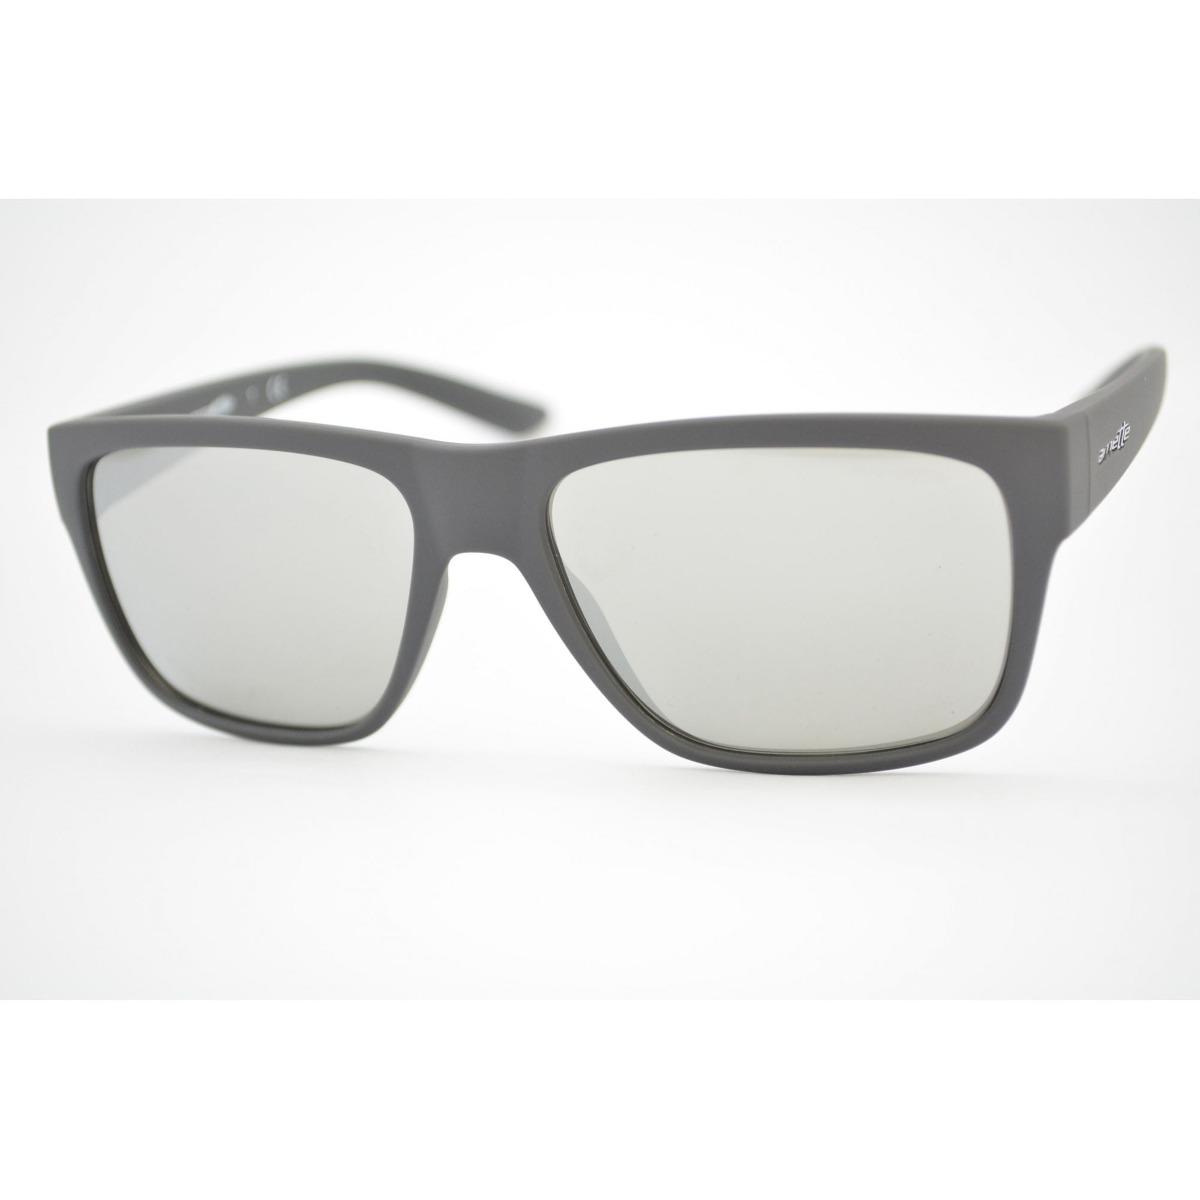 7f7ec3627 Óculos De Sol Arnette Masculino 4226-5381/6g - R$ 259,00 em Mercado ...